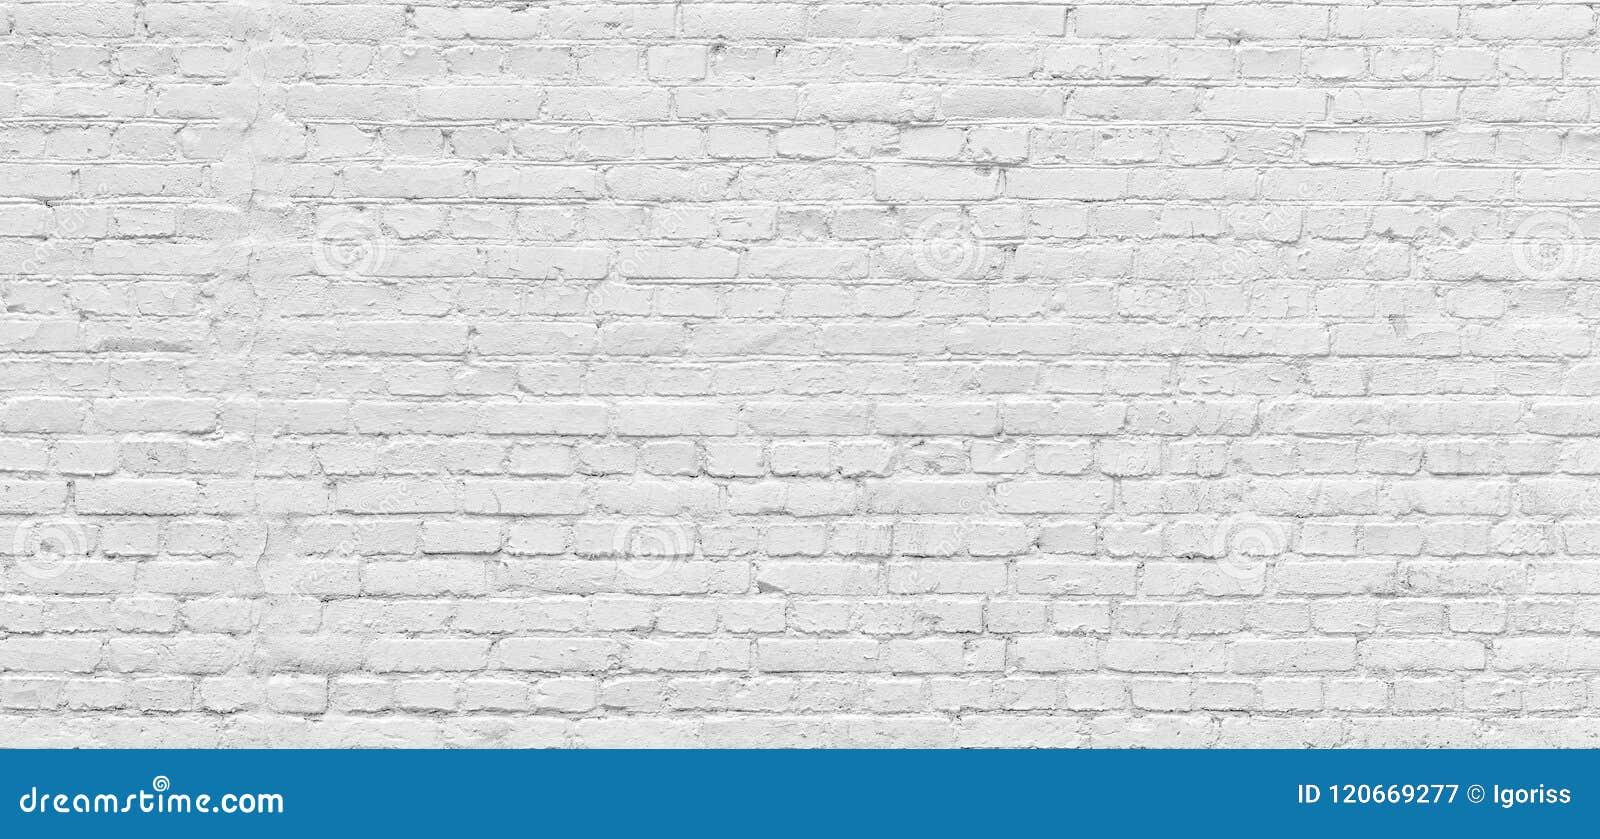 Fondo urbano de la pared de ladrillo blanca en la alta resolución